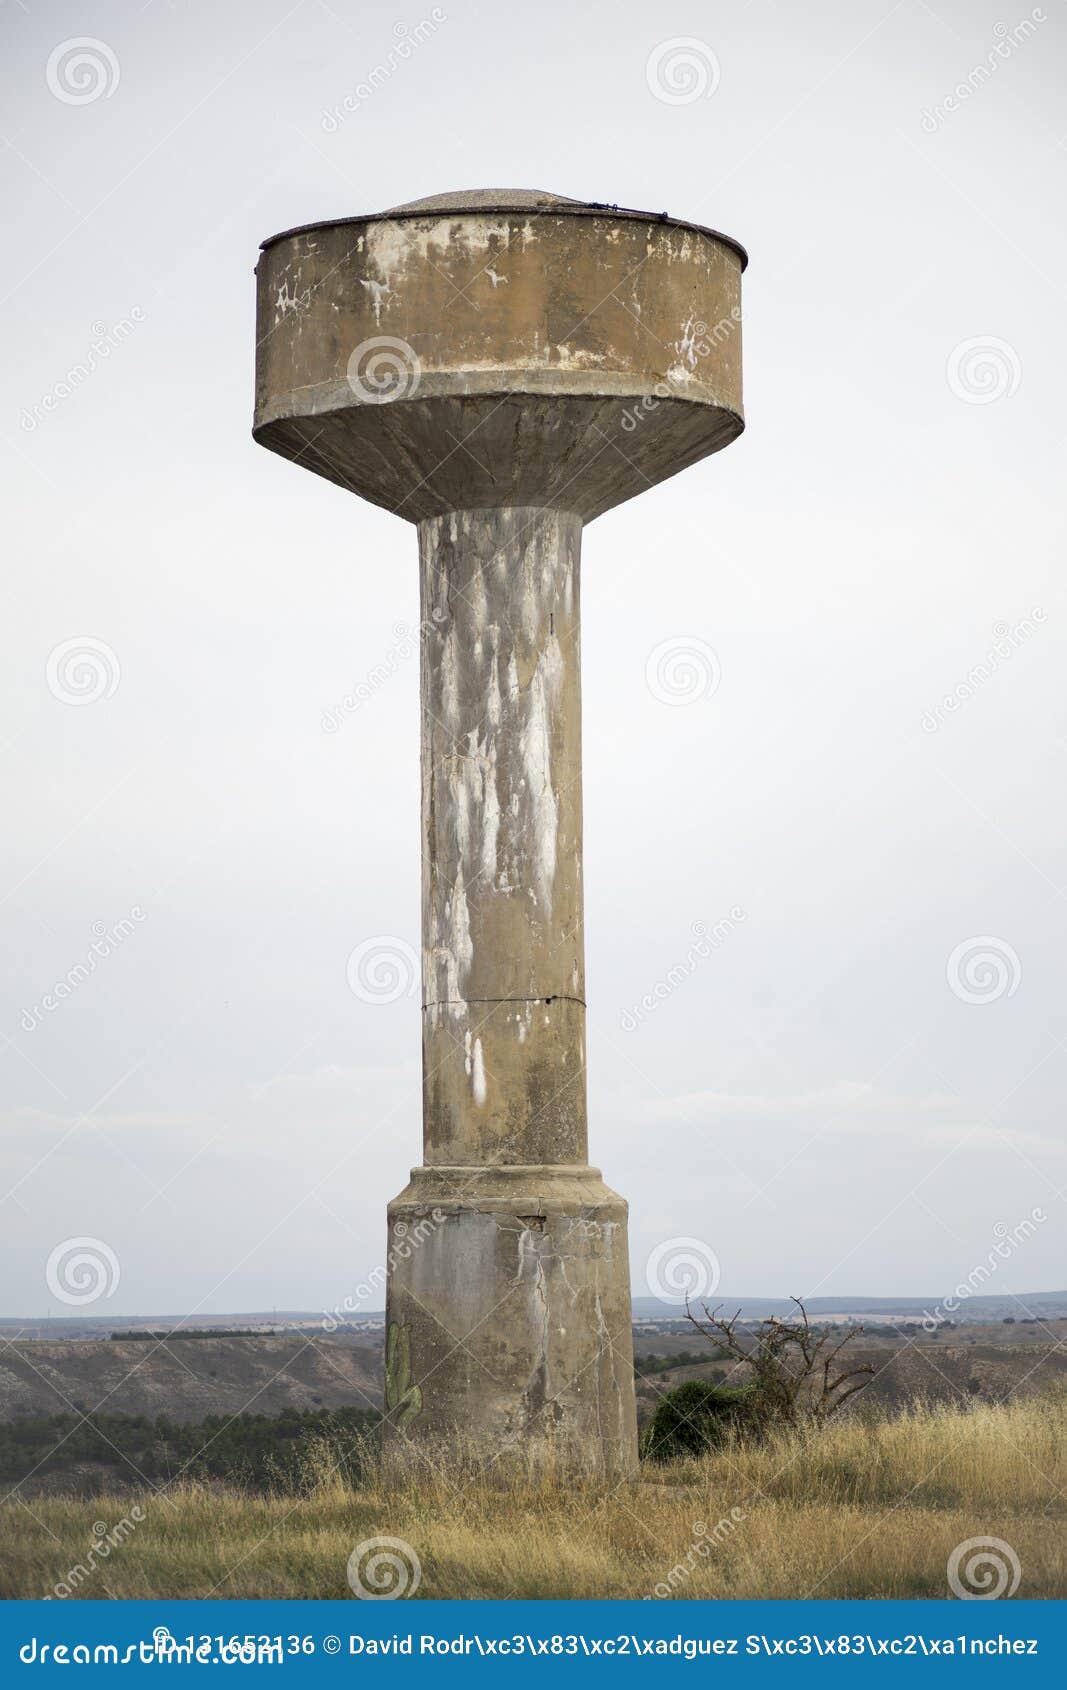 Elevado reforçou a torre concreta do tanque de água